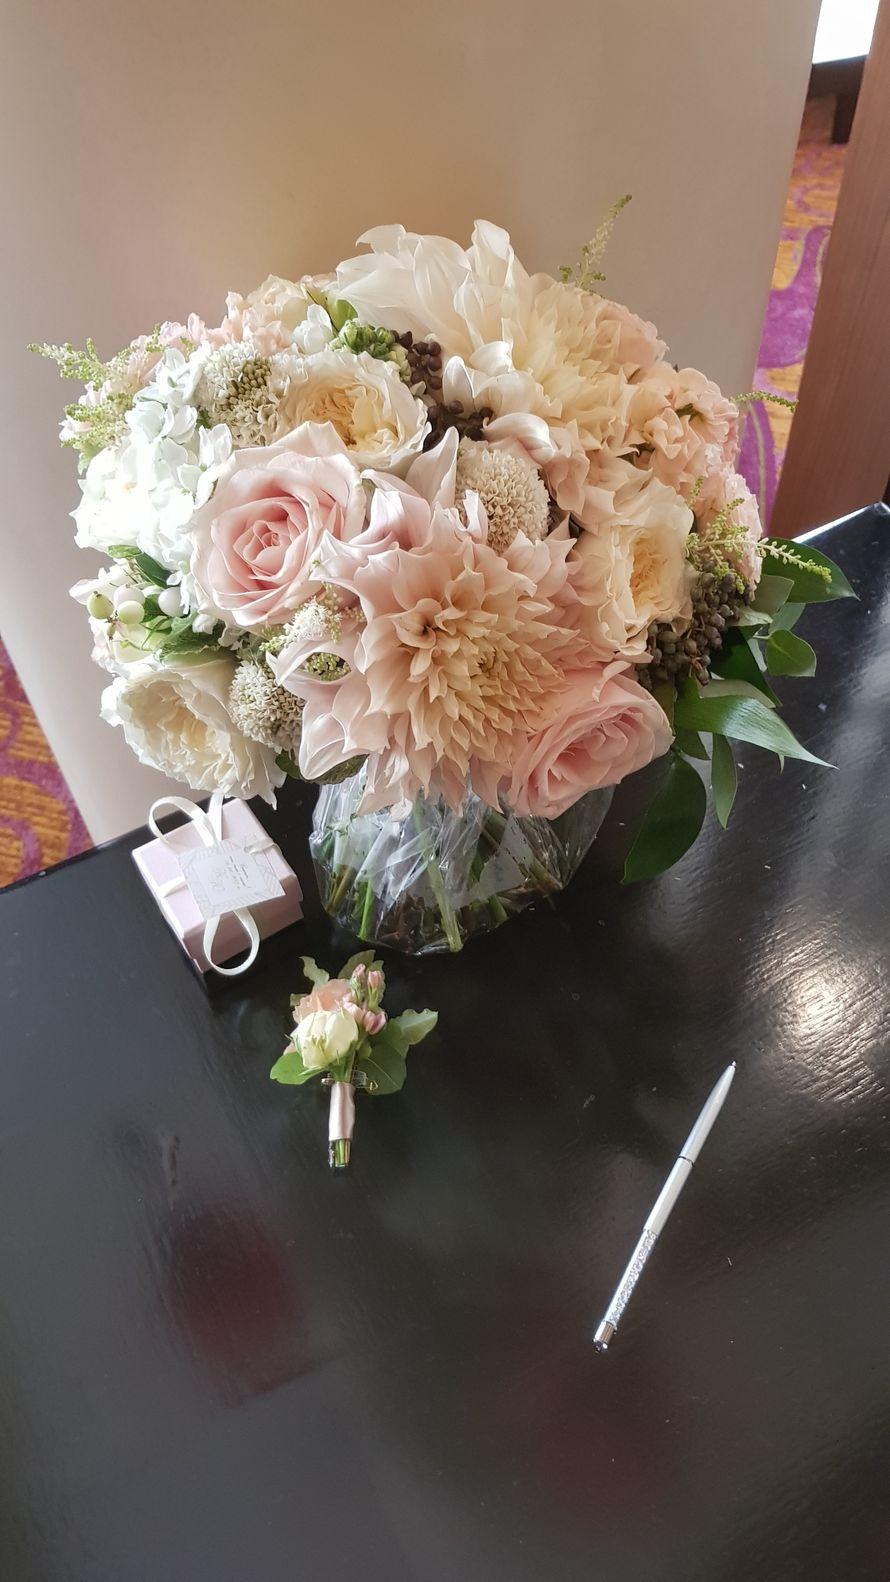 Букет невесты и бутоньерка - фото 17397326 Flower jewelry - студия оформления